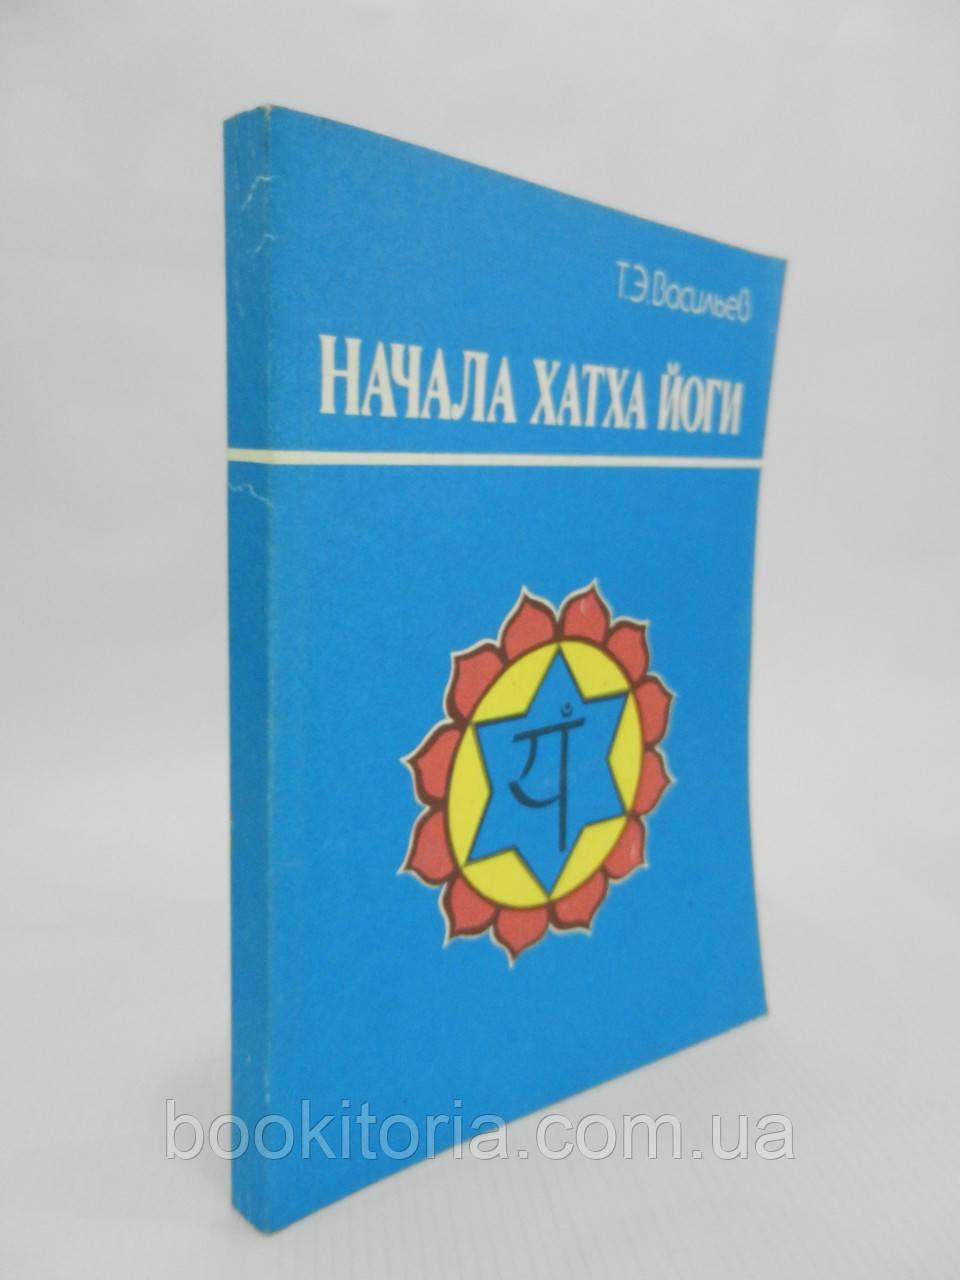 Васильев Т.Э. Начала хатха йоги (б/у)., фото 1